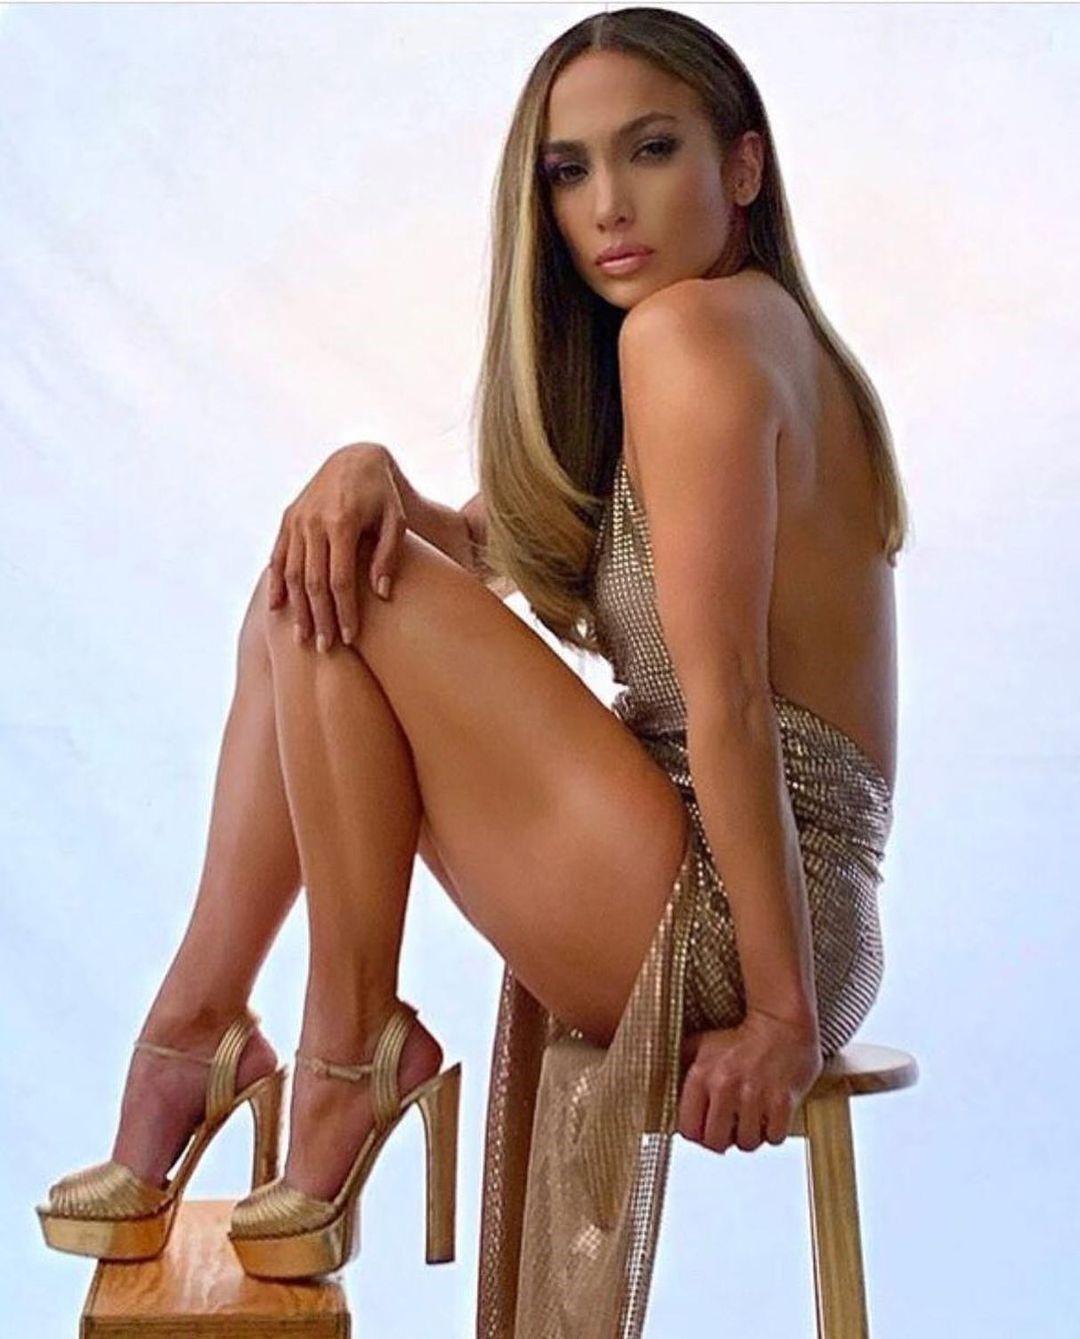 Η Jennifer Lopez φόρεσε Celia Kritharioti και φωτογραφήθηκε για το περιοδικό Billboard